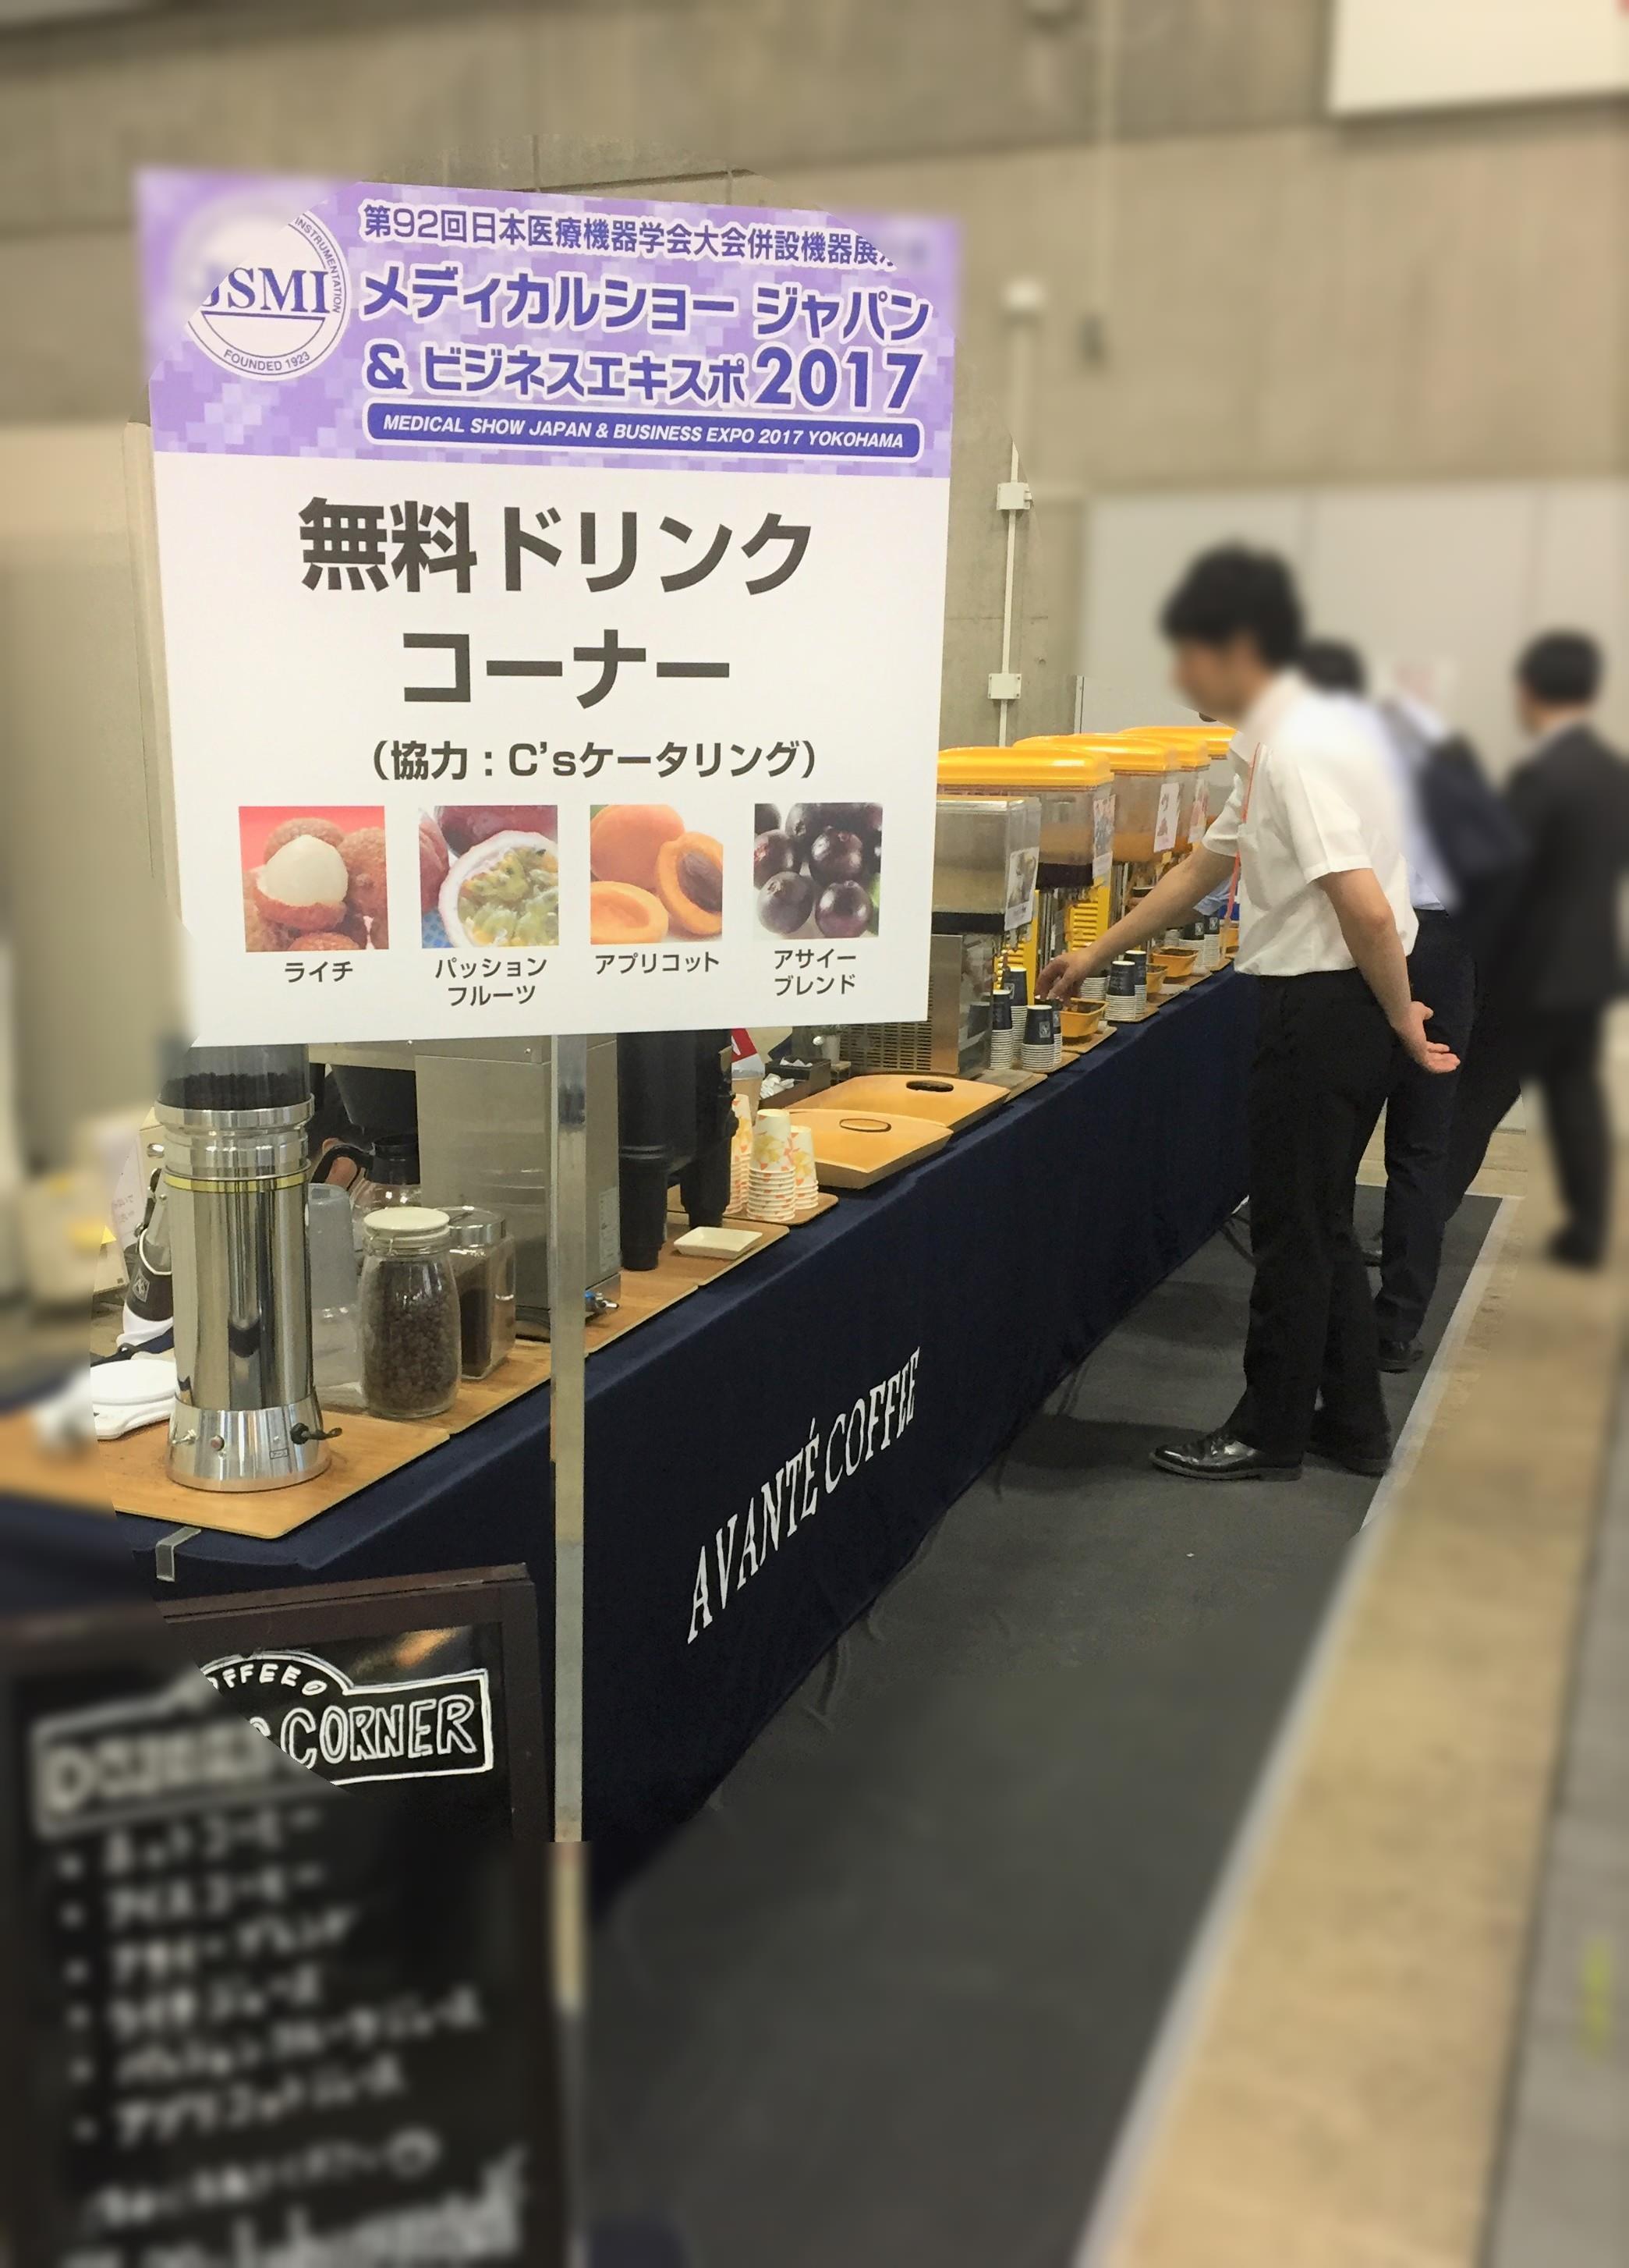 パシフィコ横浜 展示会 ドリンクコーナー